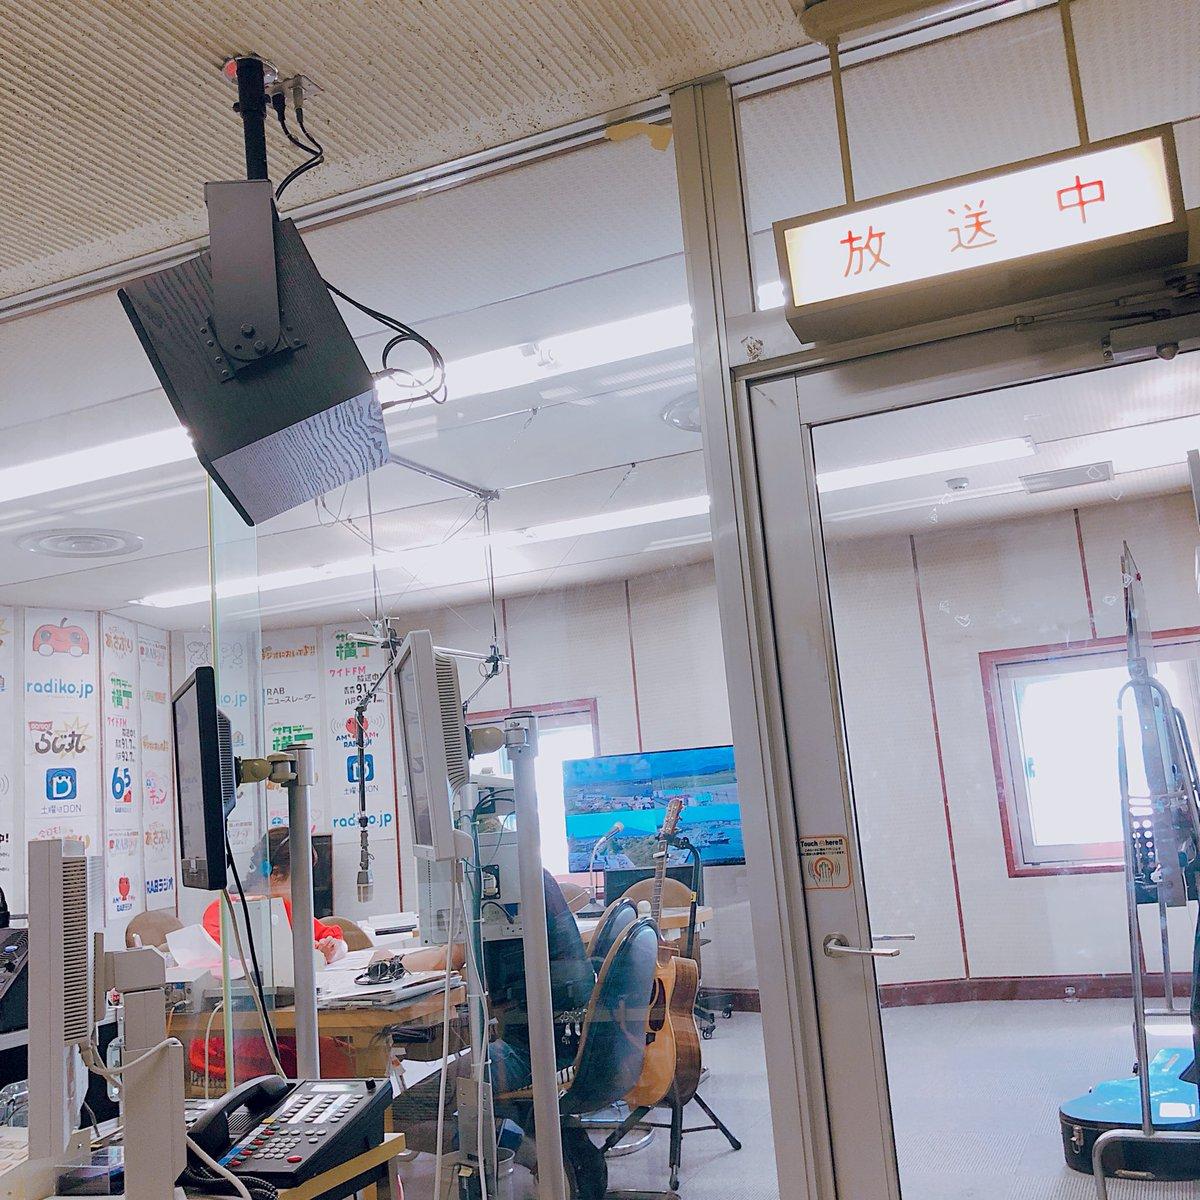 これからRABラジオGO!GO!らじ丸に生出演。パーソナリティは坂本サトルさんと桑子絵里アナウンサーです。 #RABラジオ  #坂本サトル  #桑子英里  #モモ #momopic.twitter.com/ipllhCDbfS